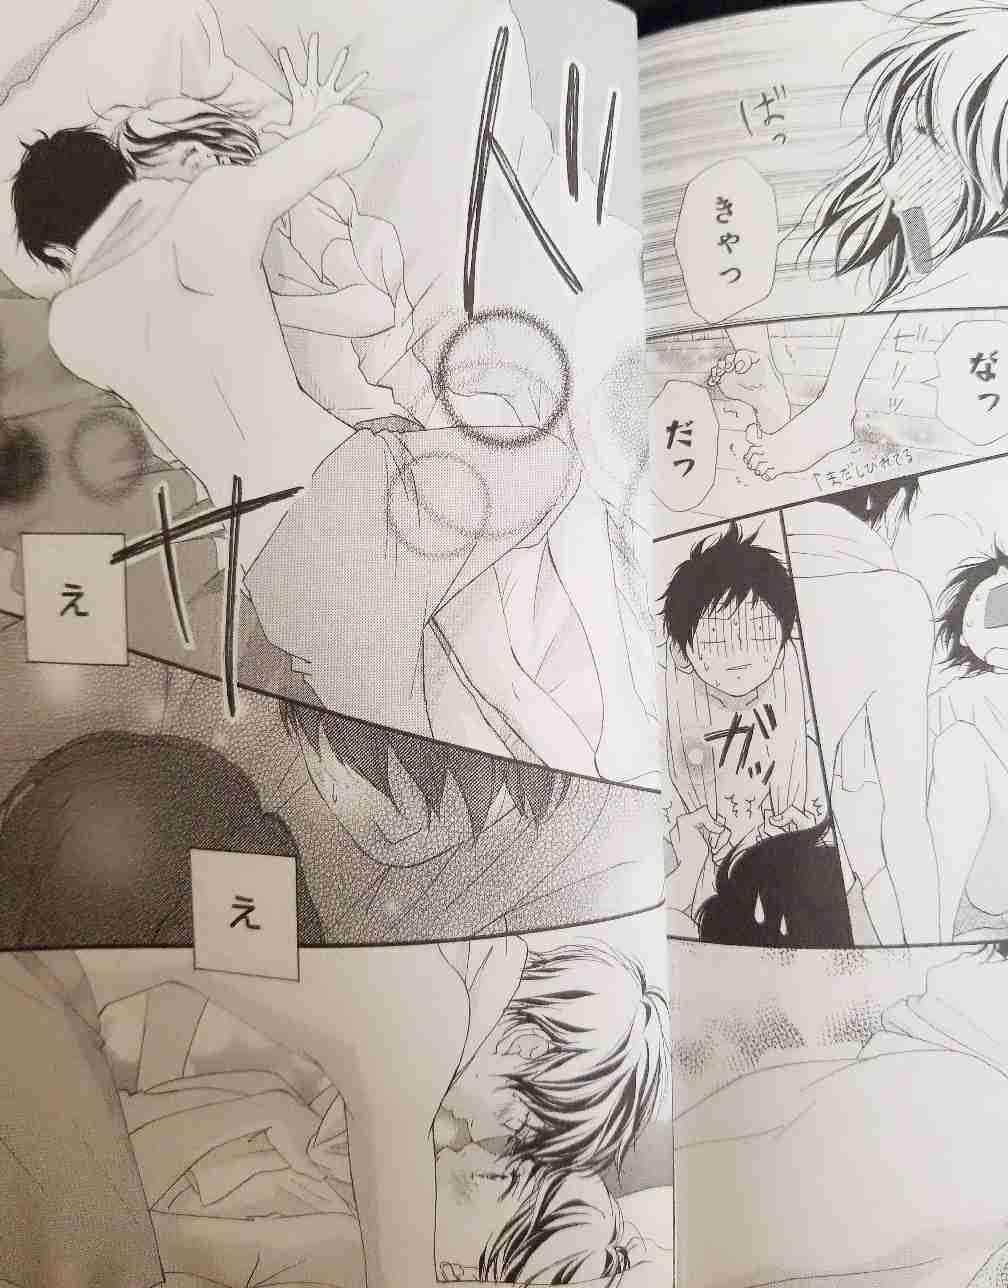 「ふーん…(ハナホジ)」となる漫画のセリフ